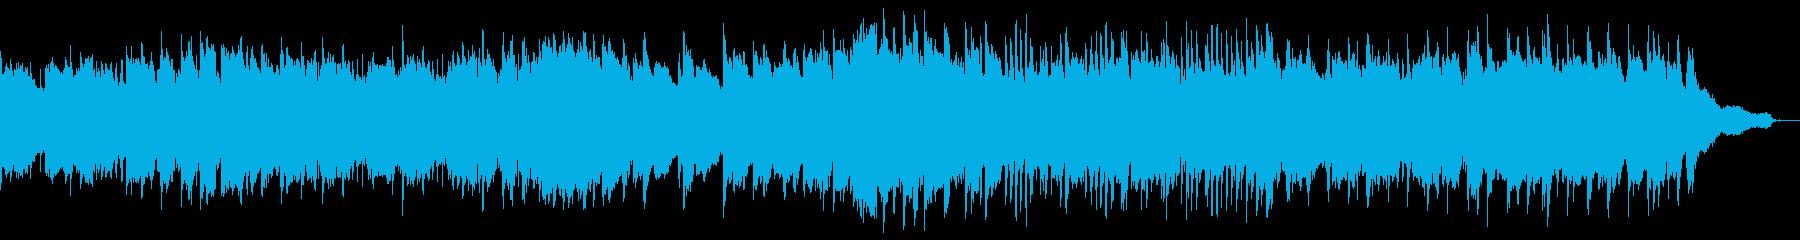 ピアノとクラリネットによる春のイメージの再生済みの波形